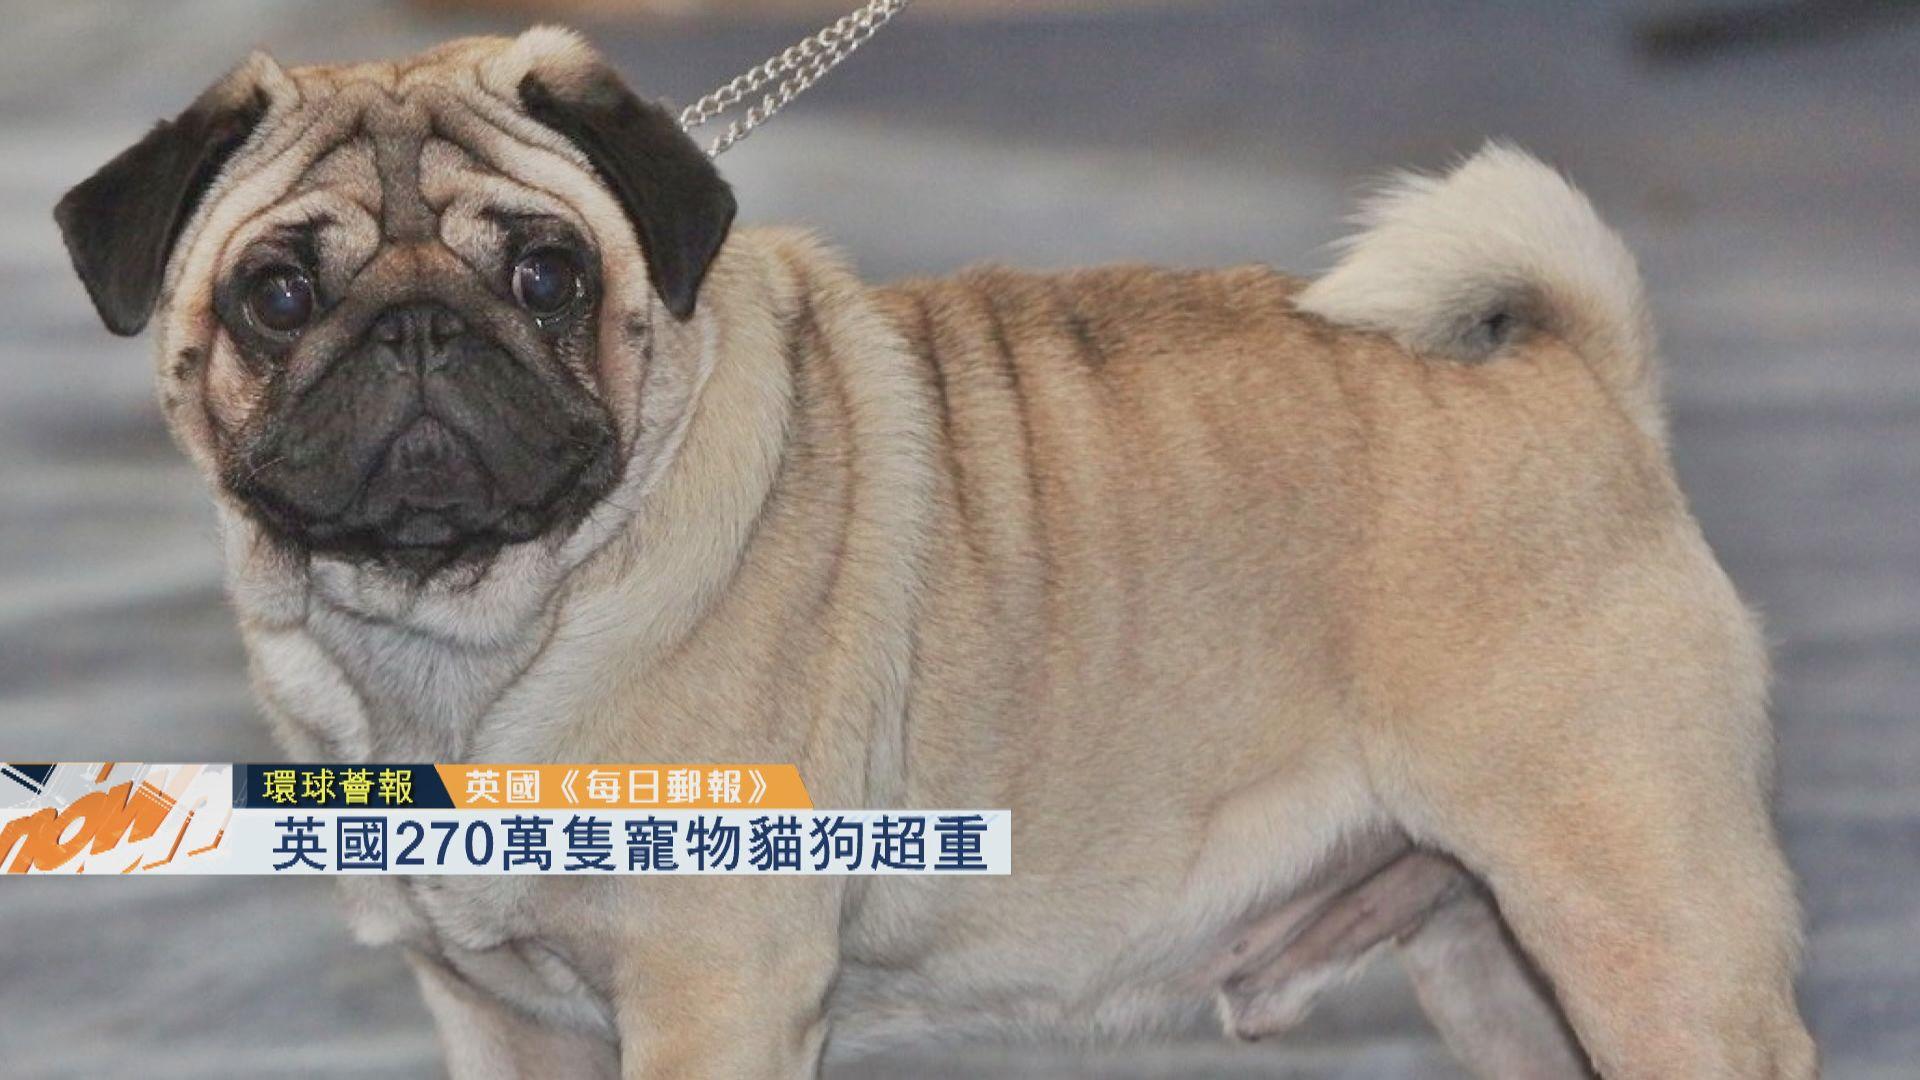 【環球薈報】英國270萬隻寵物貓狗超重